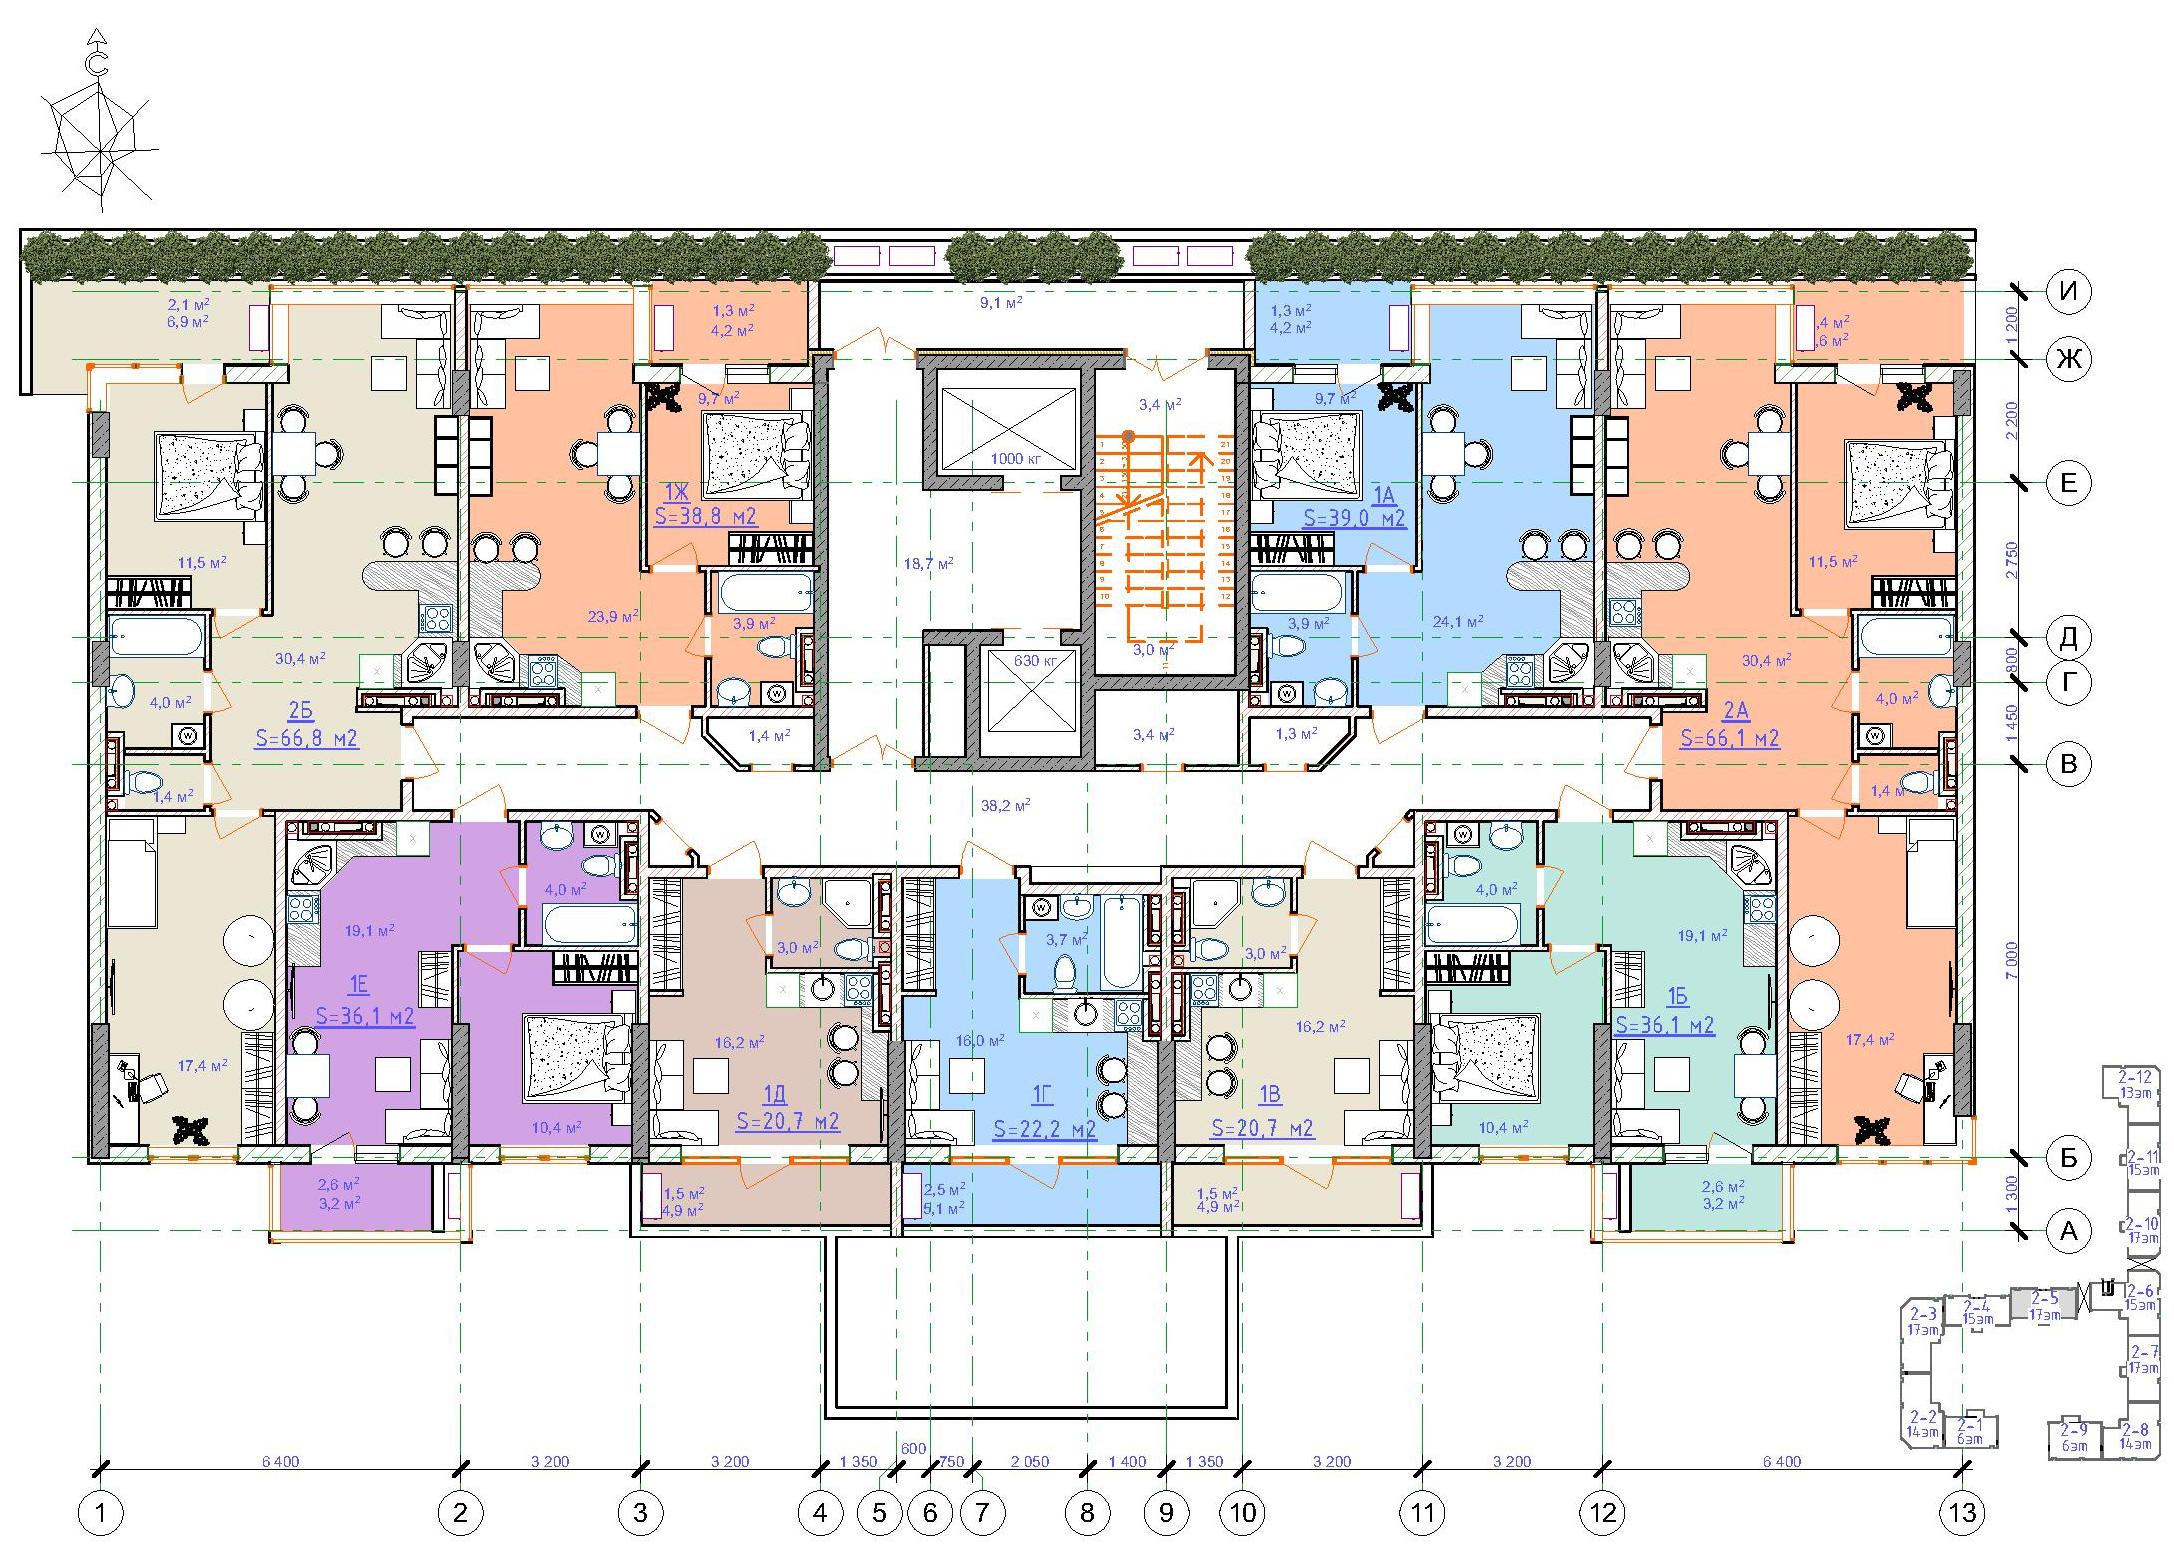 ЖК Таировские сады / Дом №2 / Секция 5 / План 2-го этажа